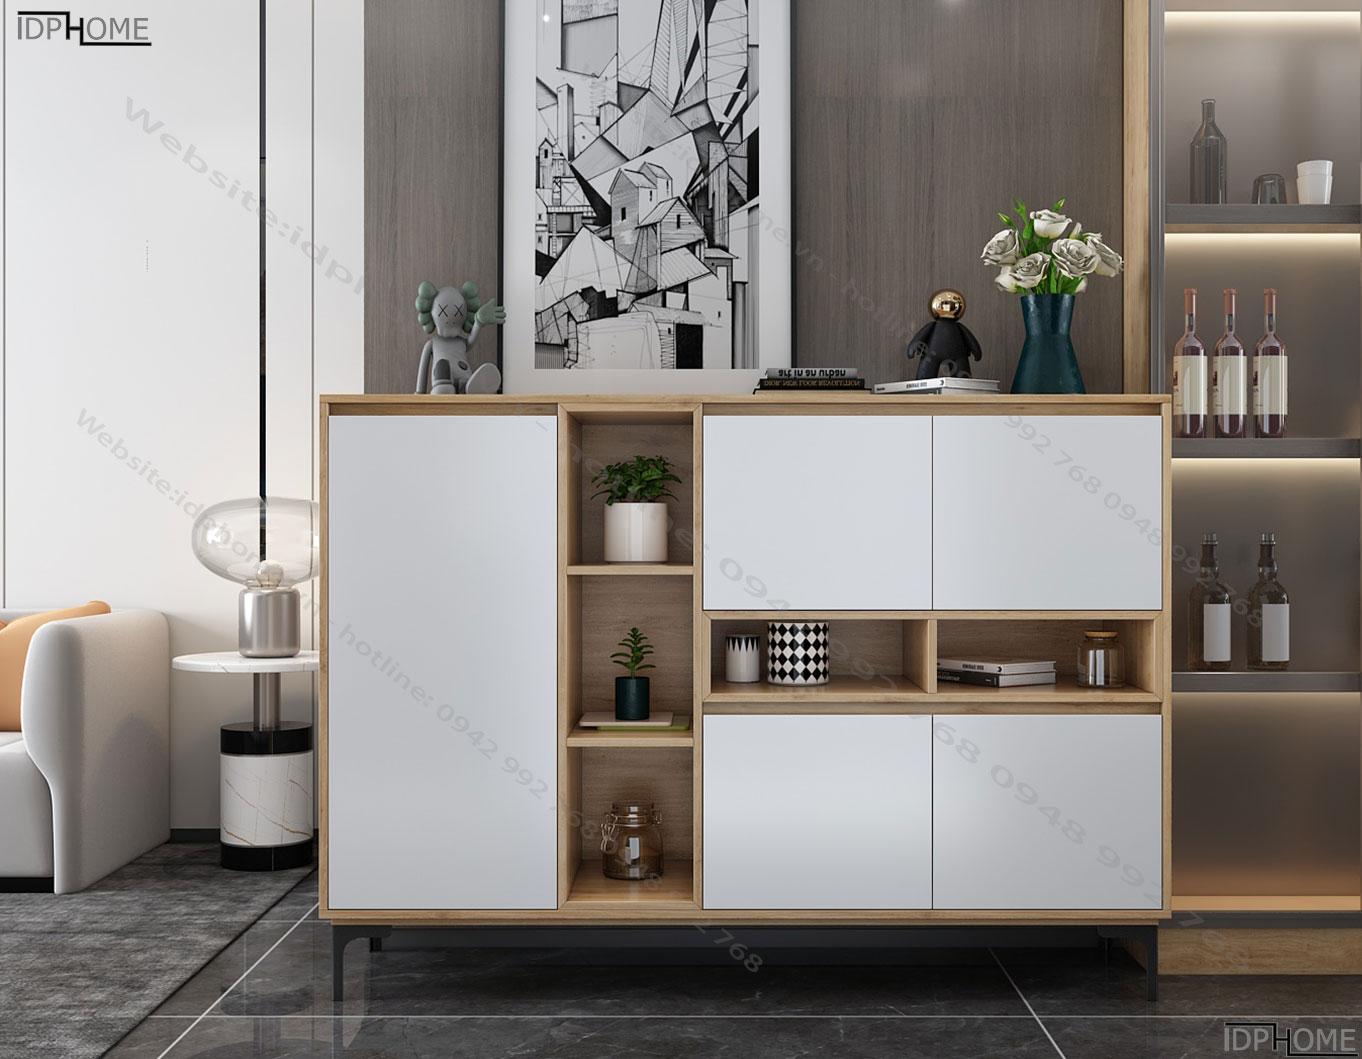 Tủ đồ trang trí cho phòng khách đẹp TD6804